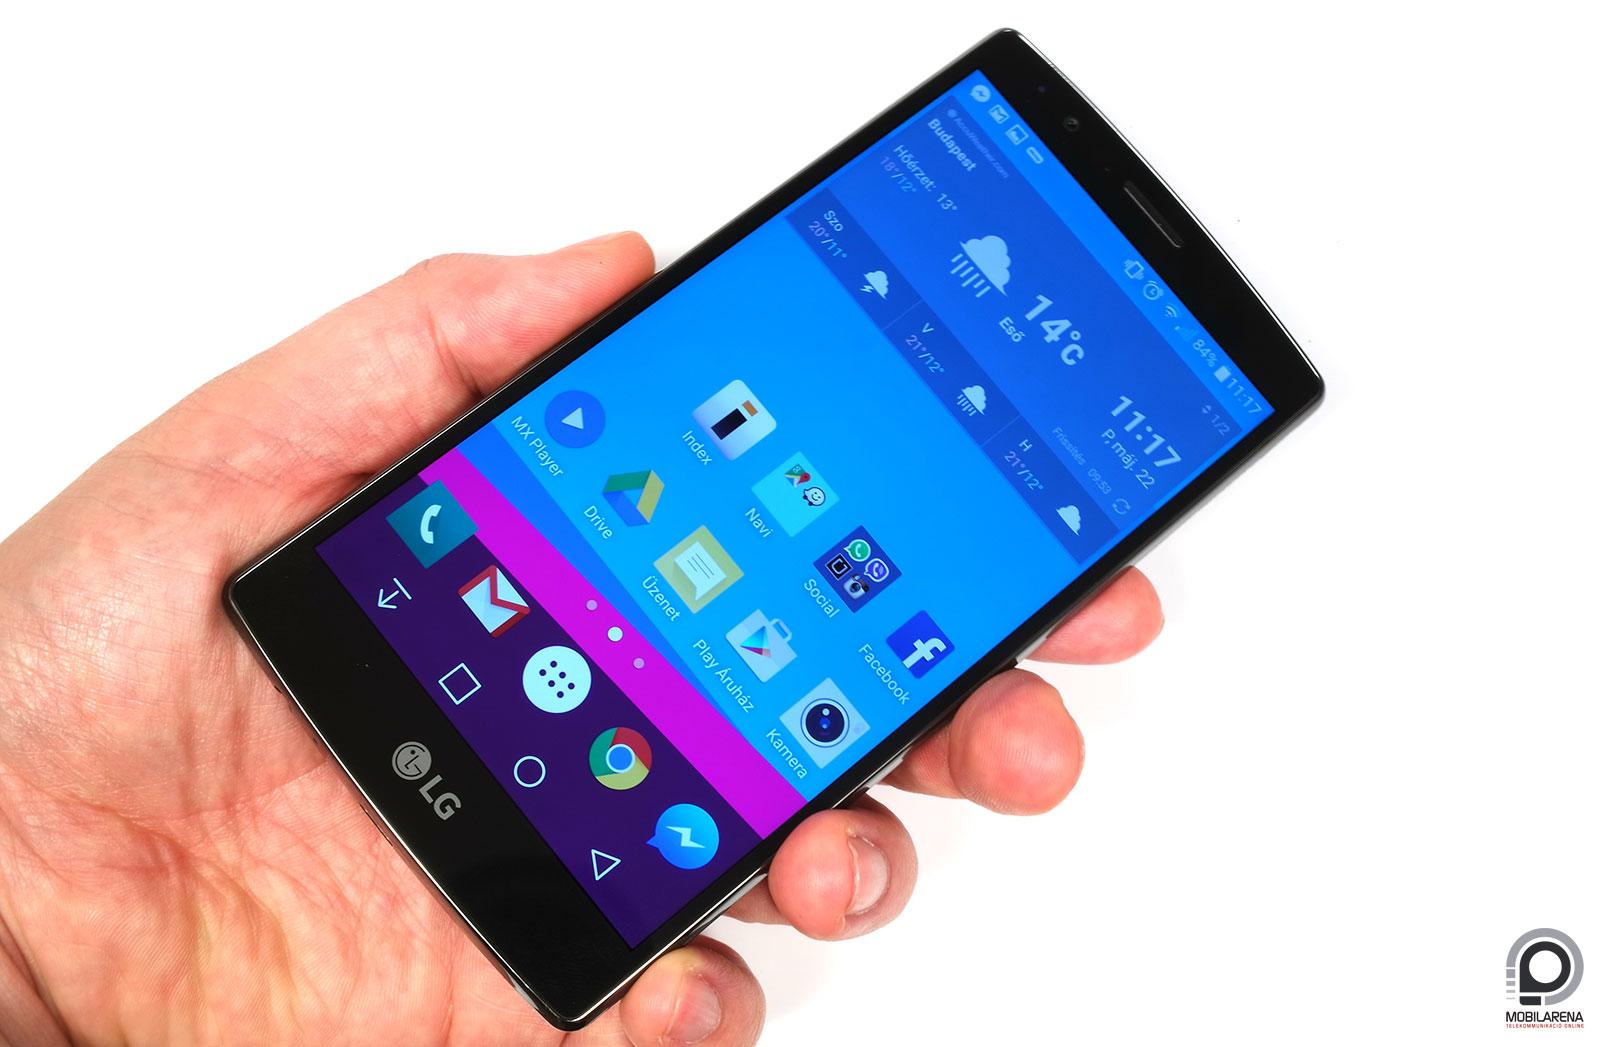 LG G4 - nehéz rajta fogást találni - Mobilarena Okostelefon teszt 7bed730cc3